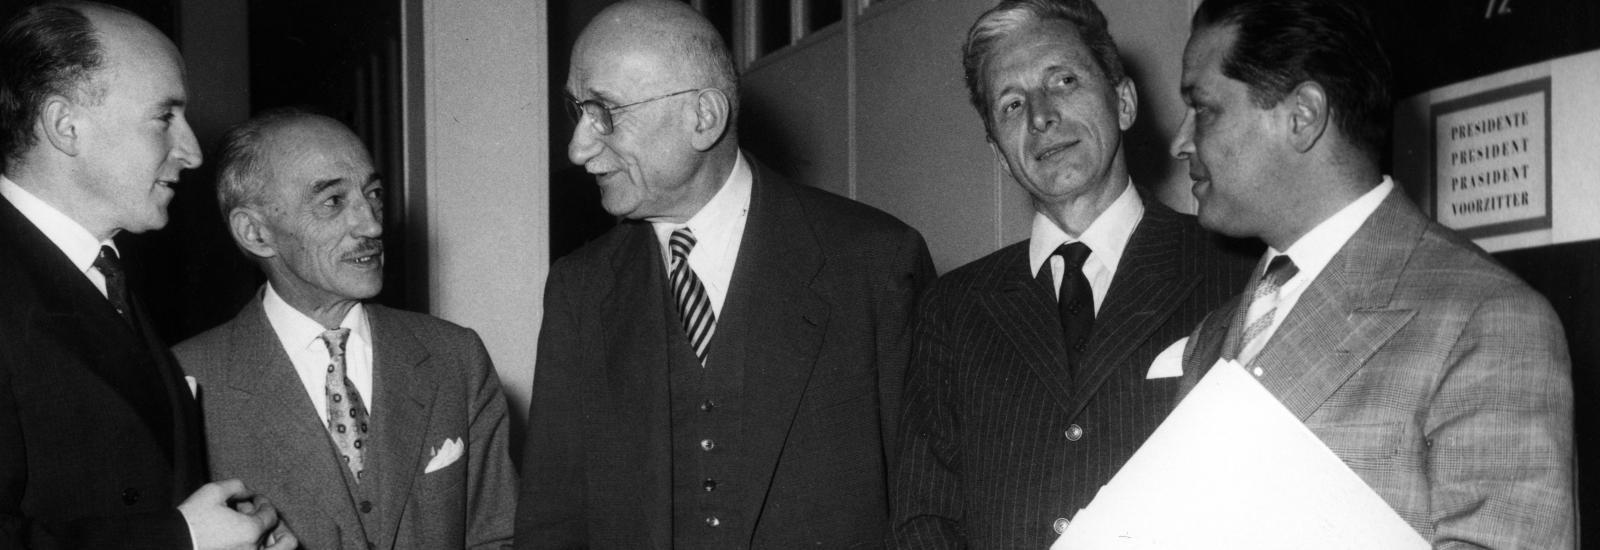 © Communauté européenne - Jean Monnet et Robert Schuman, deux des pères fondateurs de l'Europe.